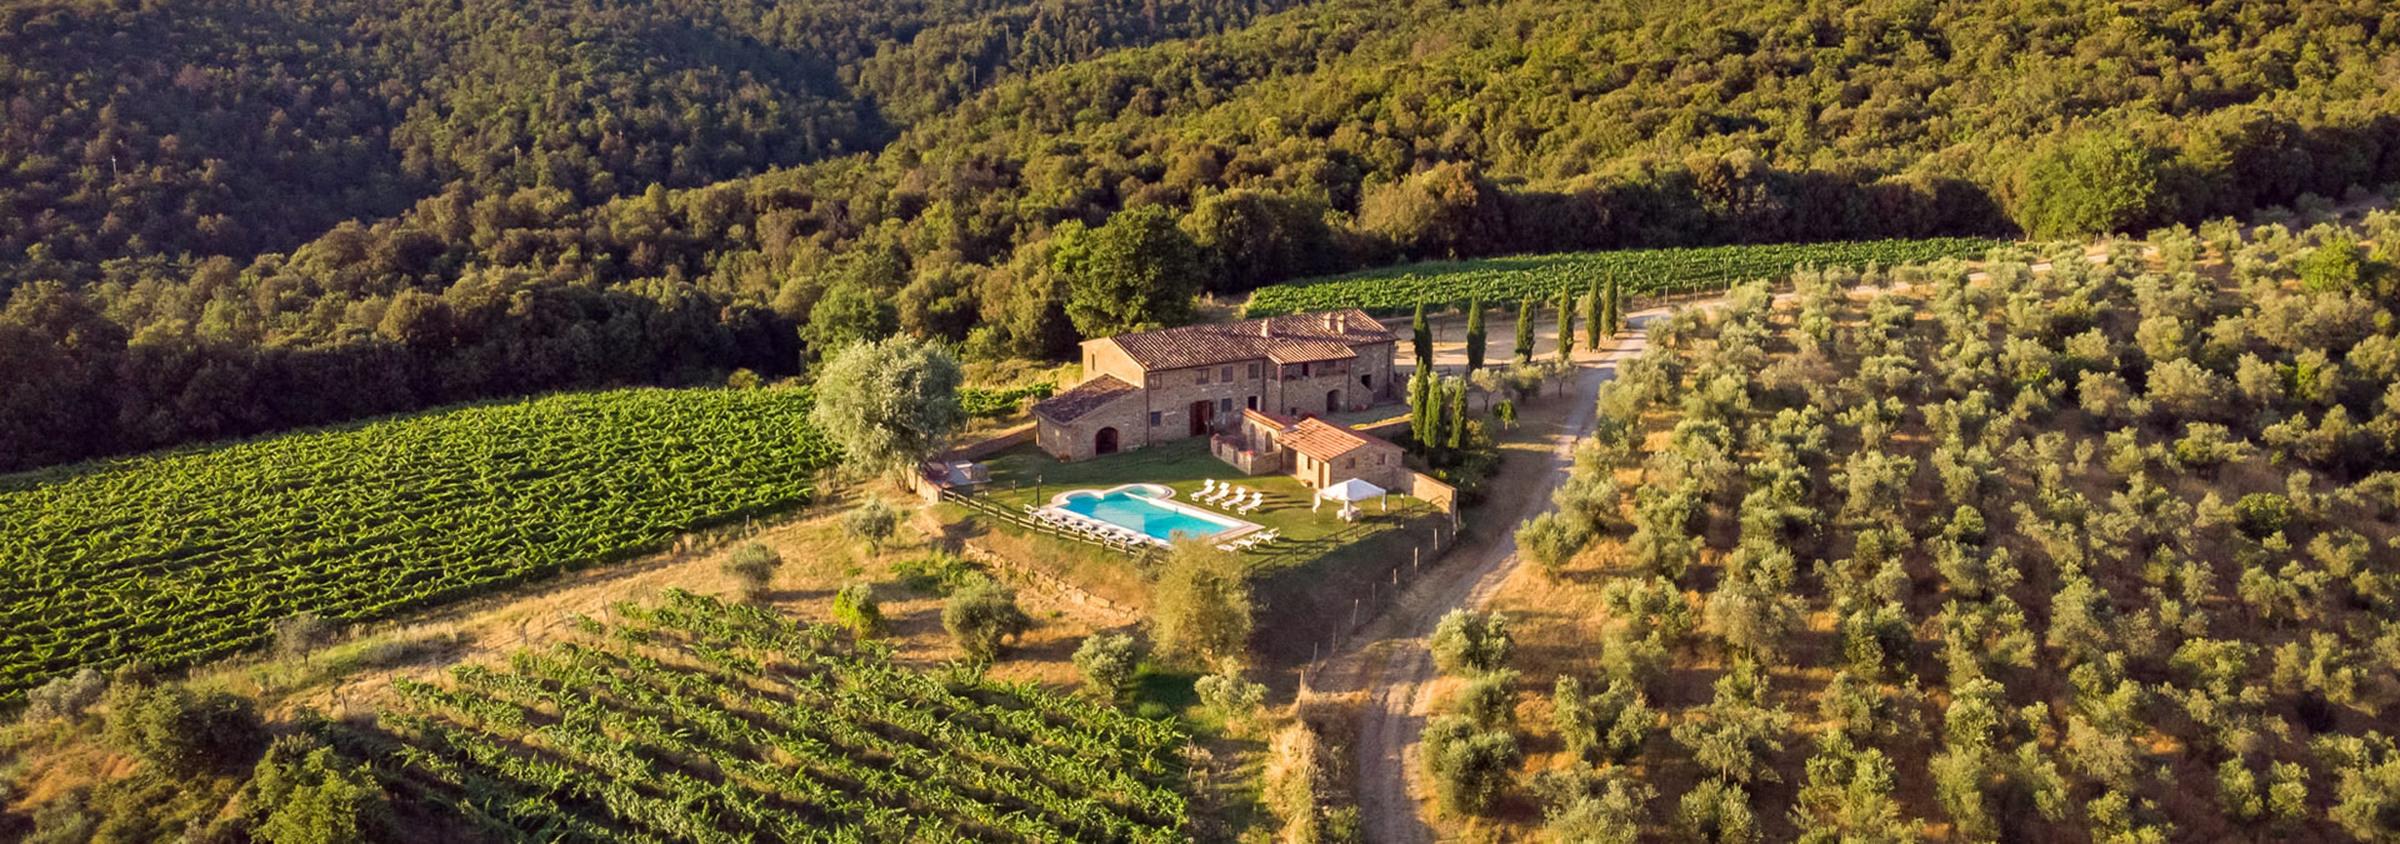 TOSCANA - udvalg af ferielejligheder og huse overalt i Toscana